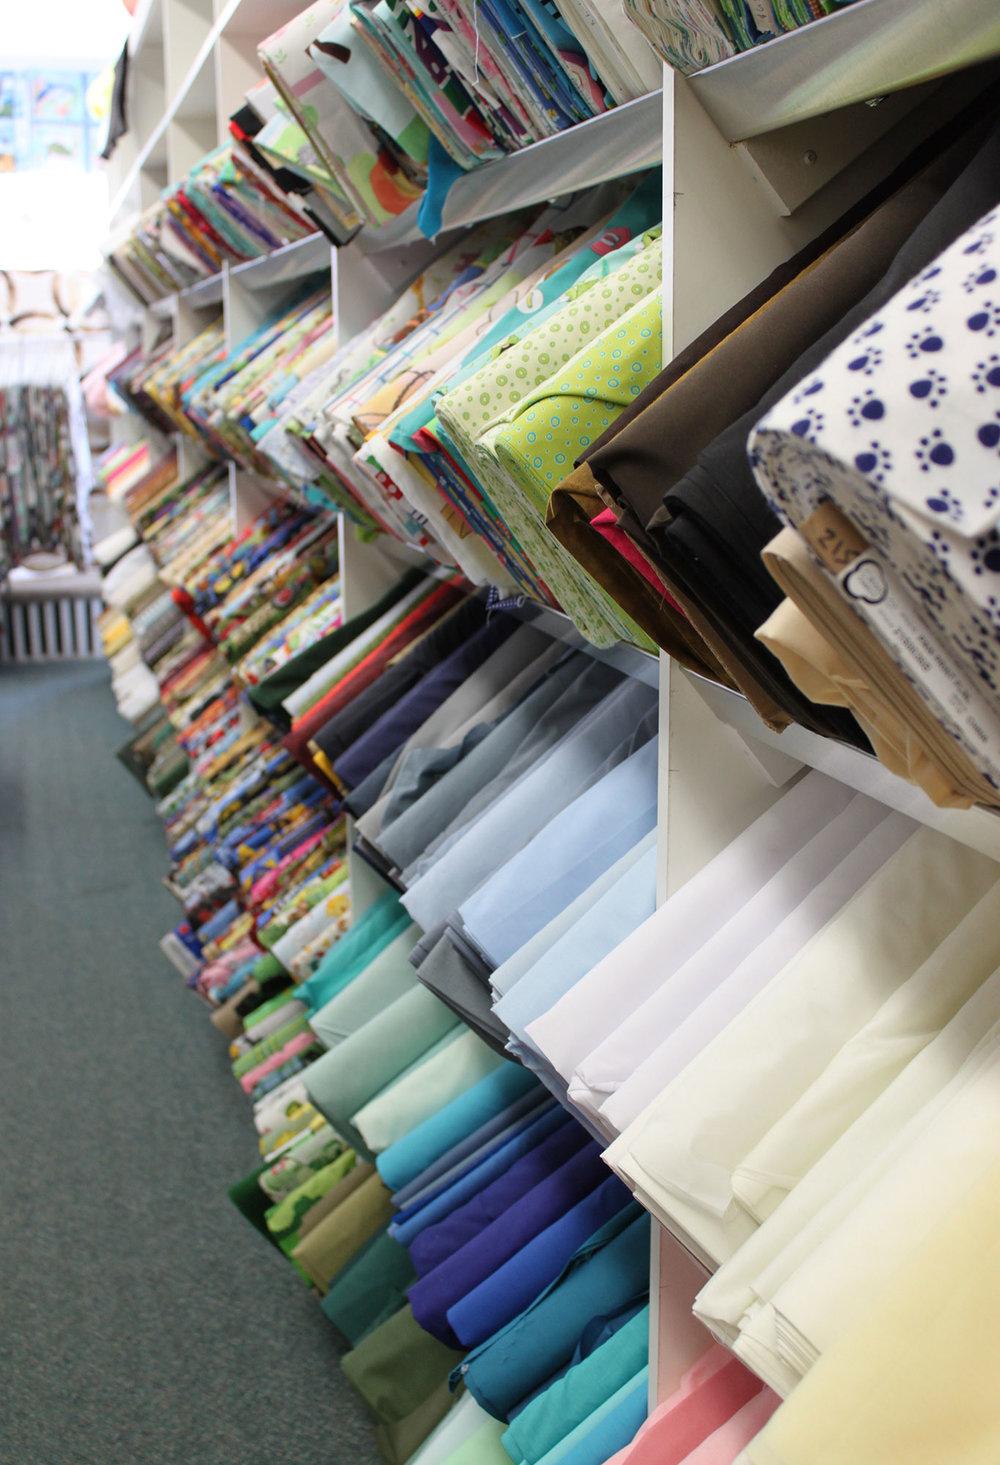 fabric-shelves.jpg